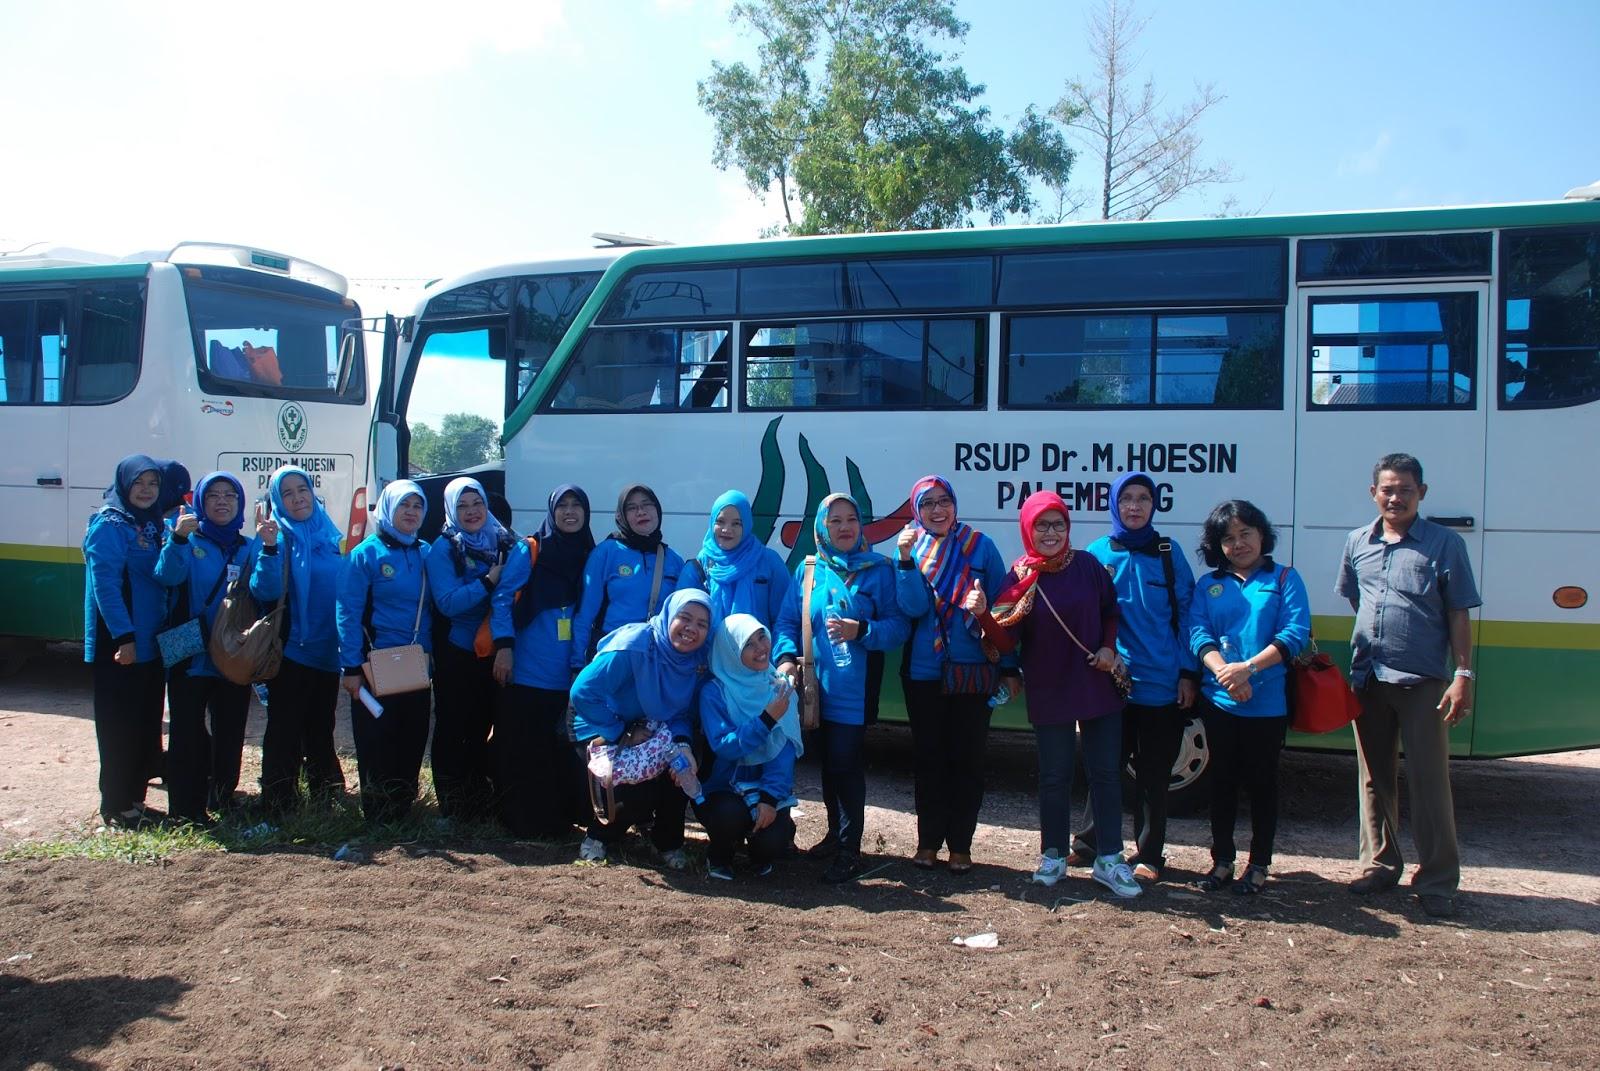 Humas Rsmh Palembang 2018 Wisata Rohani Keluarga Besar Rsup Dr